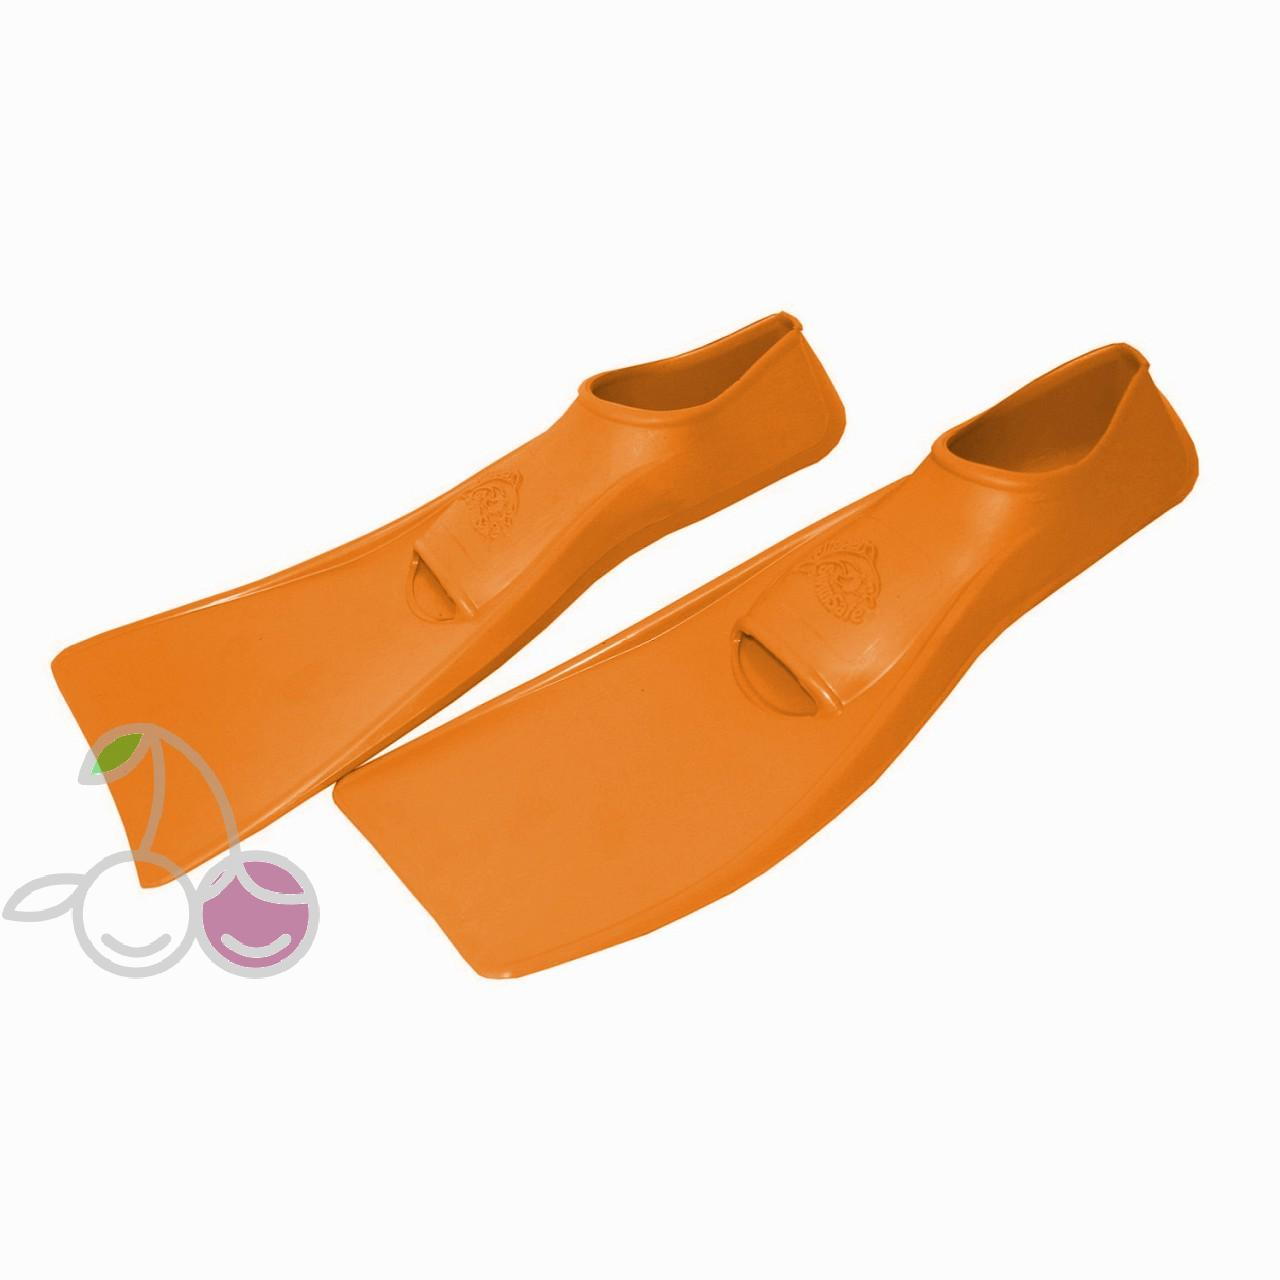 Ласты для бассейна резиновые детские размеры 26-28 оранжевые СВИМСЕЙФ (SwimSafe) Германия, - фото 2